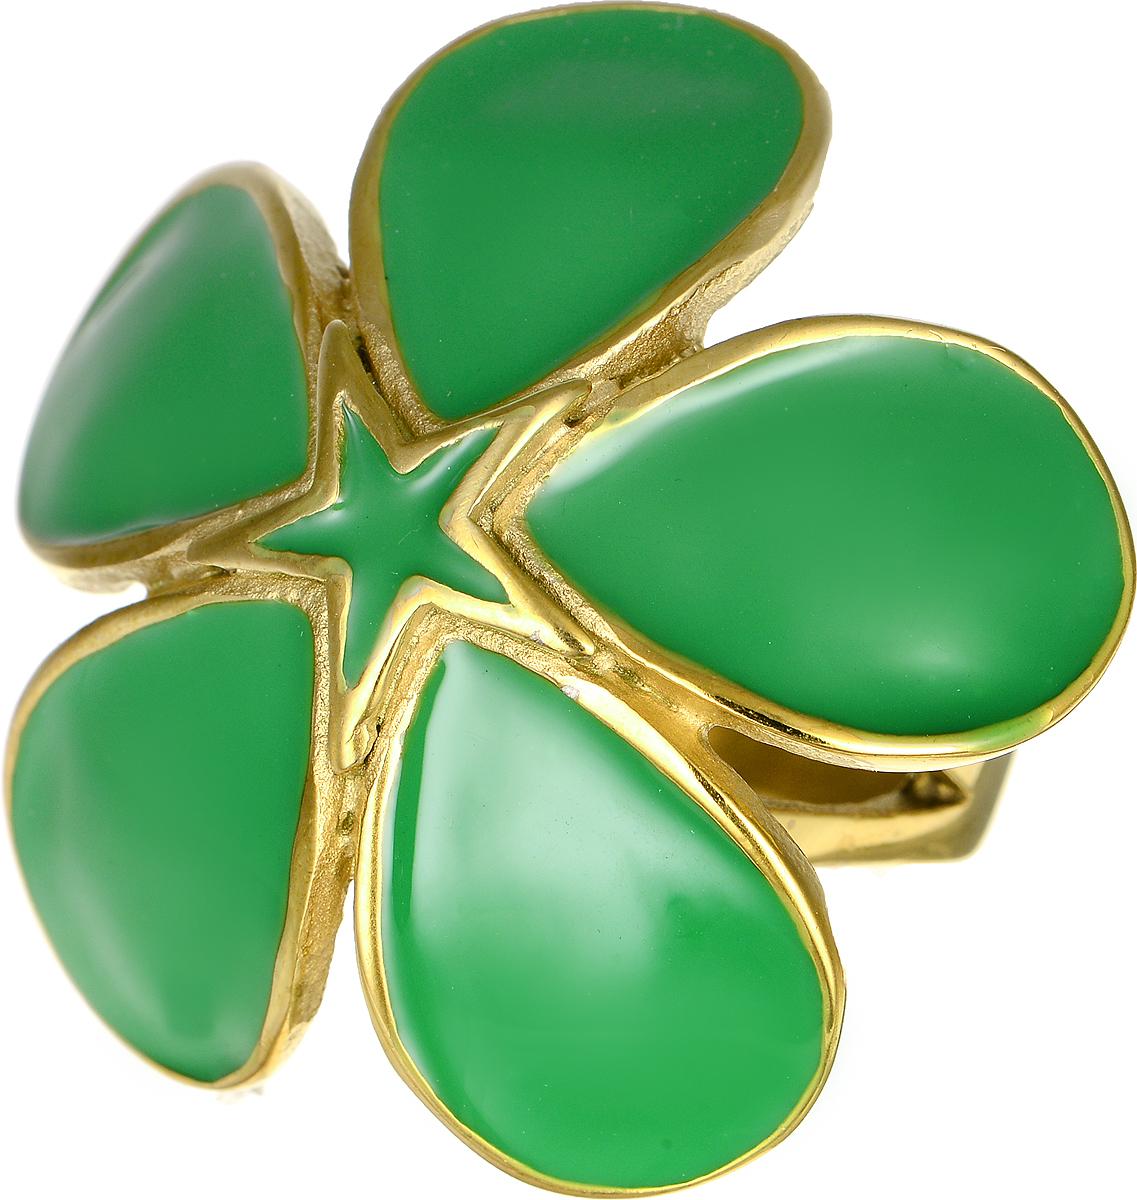 Кольцо Polina Selezneva, цвет: золотистый, зеленый. DG-0004. Размер 17DG-0004-07Стильное кольцо Polina Selezneva изготовлено из качественного металлического сплава. Декоративная часть выполнена в виде цветка с покрытием из эмали.